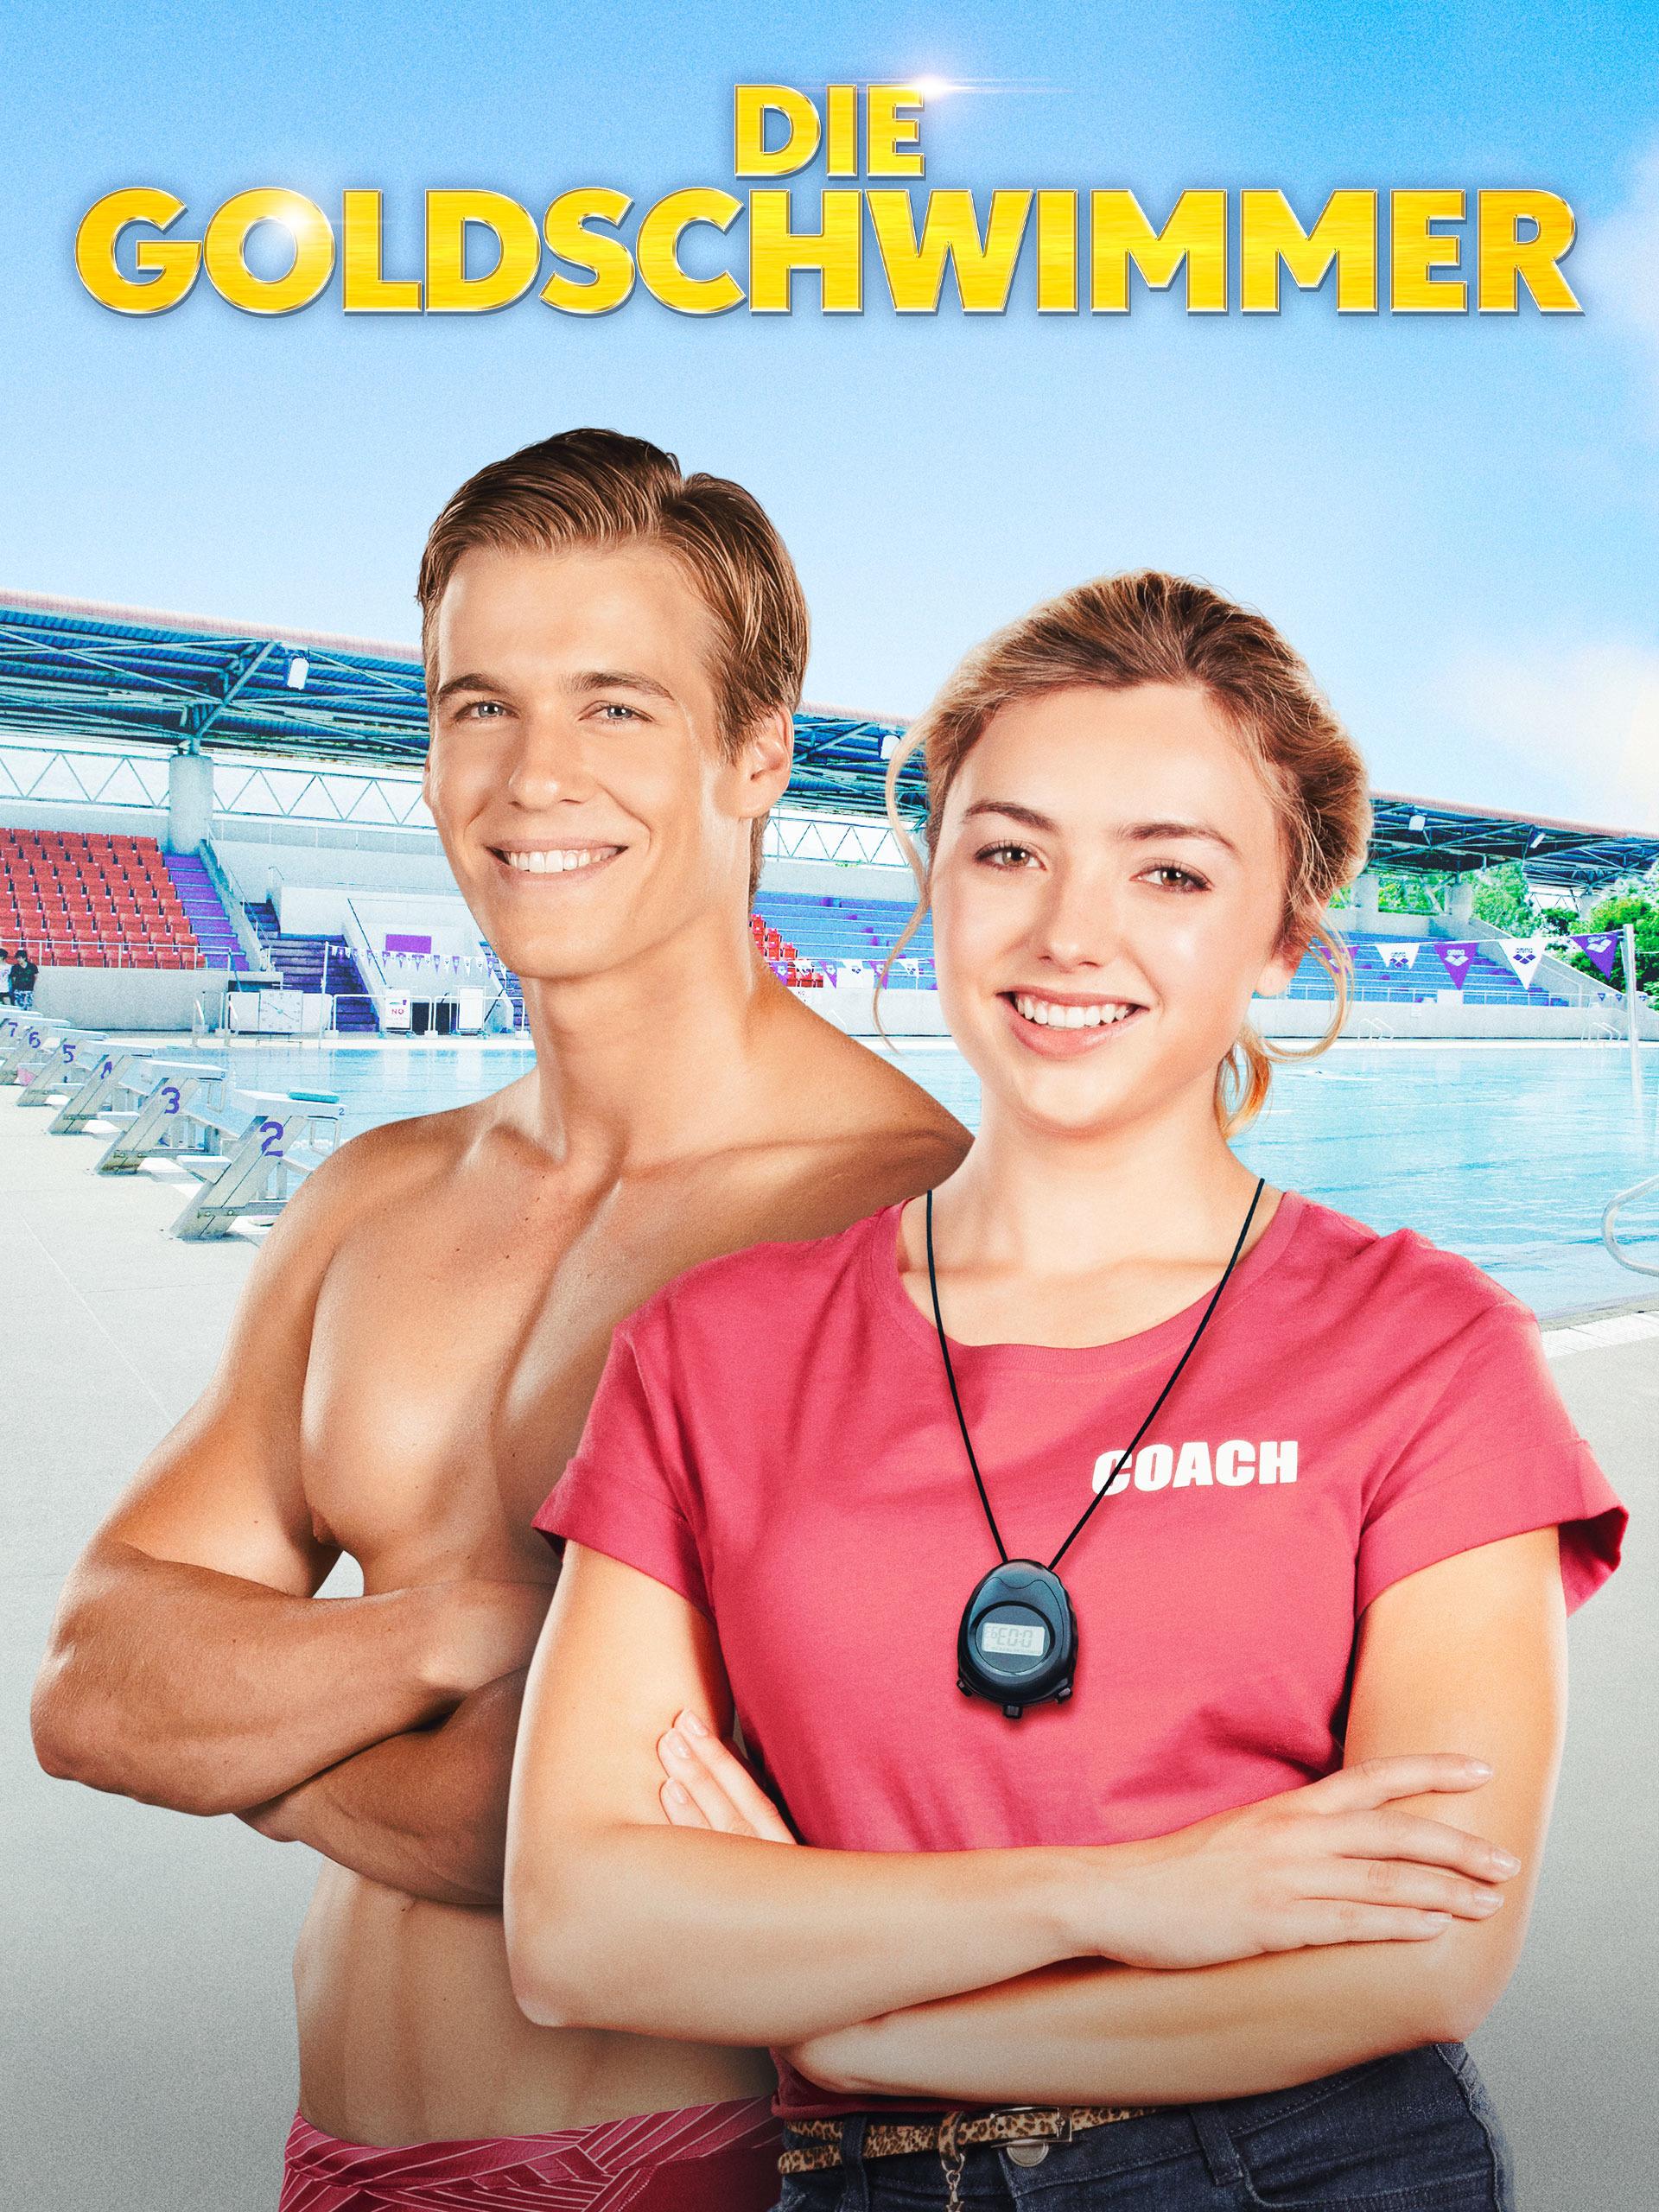 Die Goldschwimmer